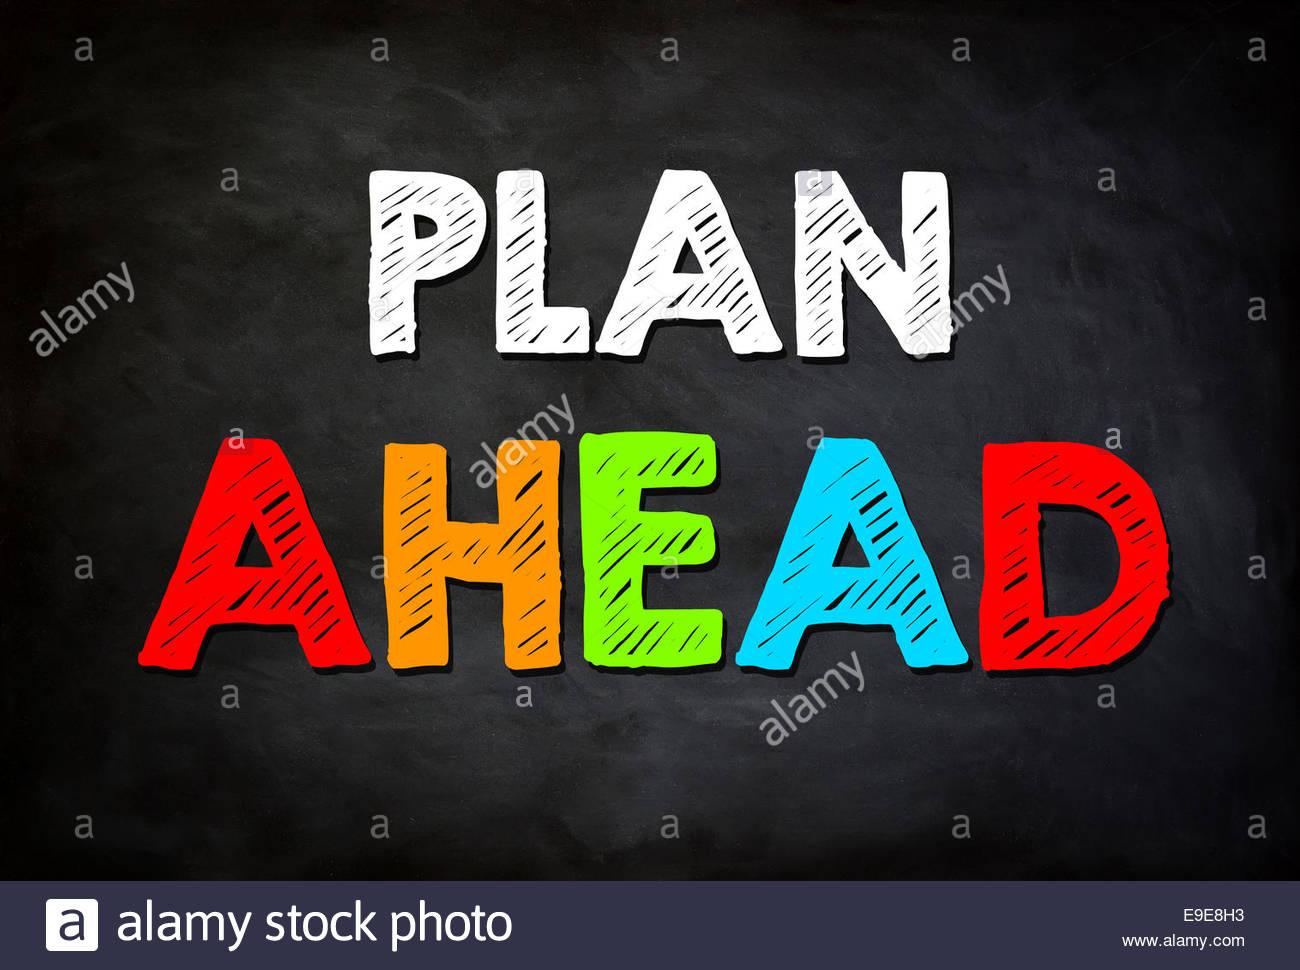 Planen Sie im Voraus - Konzept Stockbild